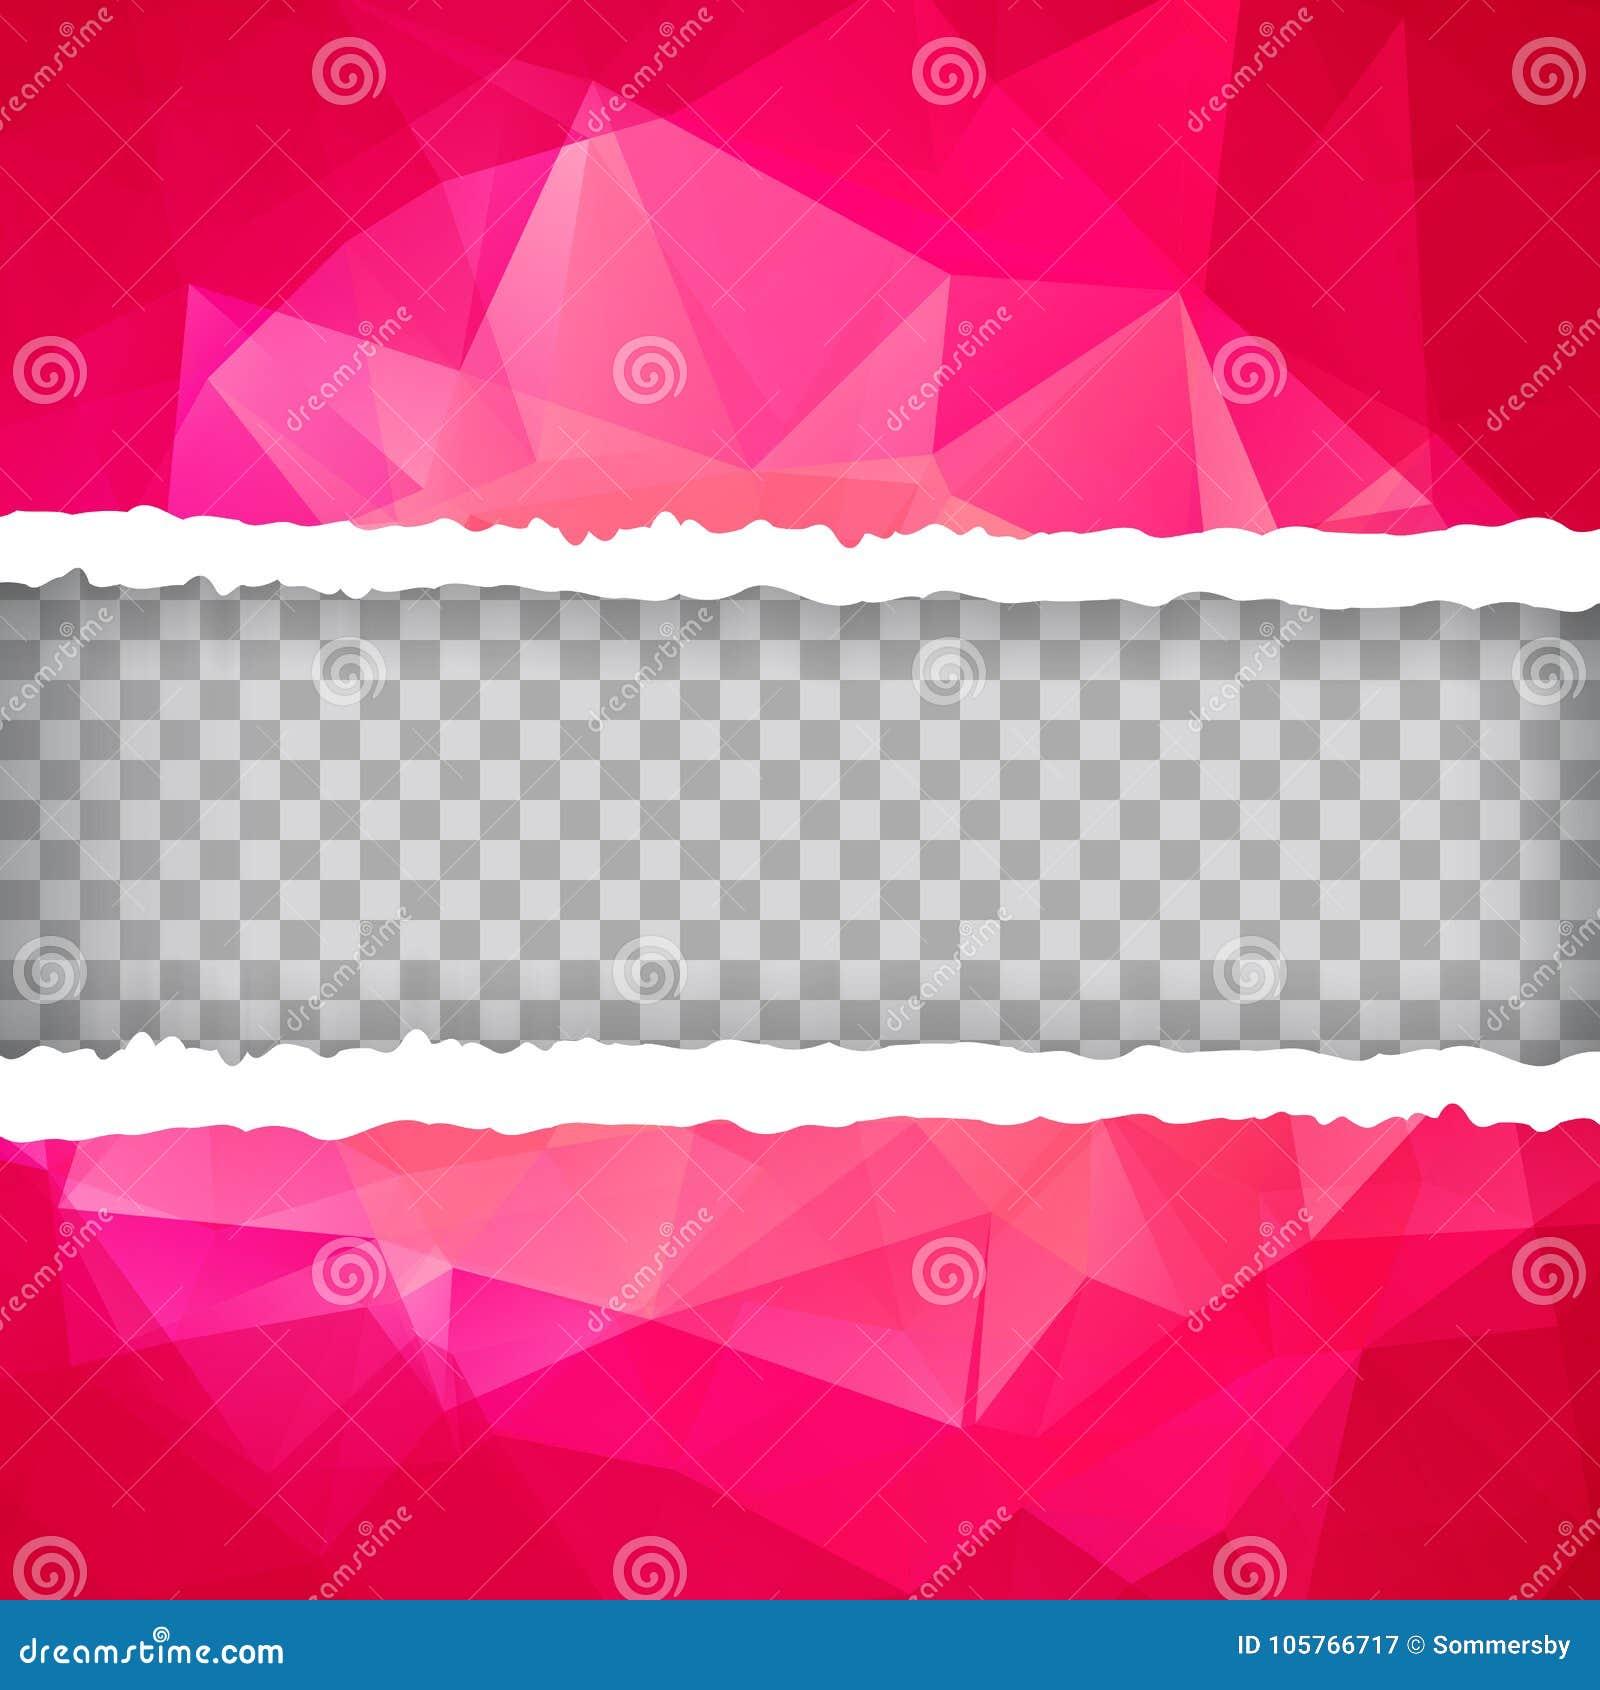 Papel rasgado poligonal triangular rosado abstracto